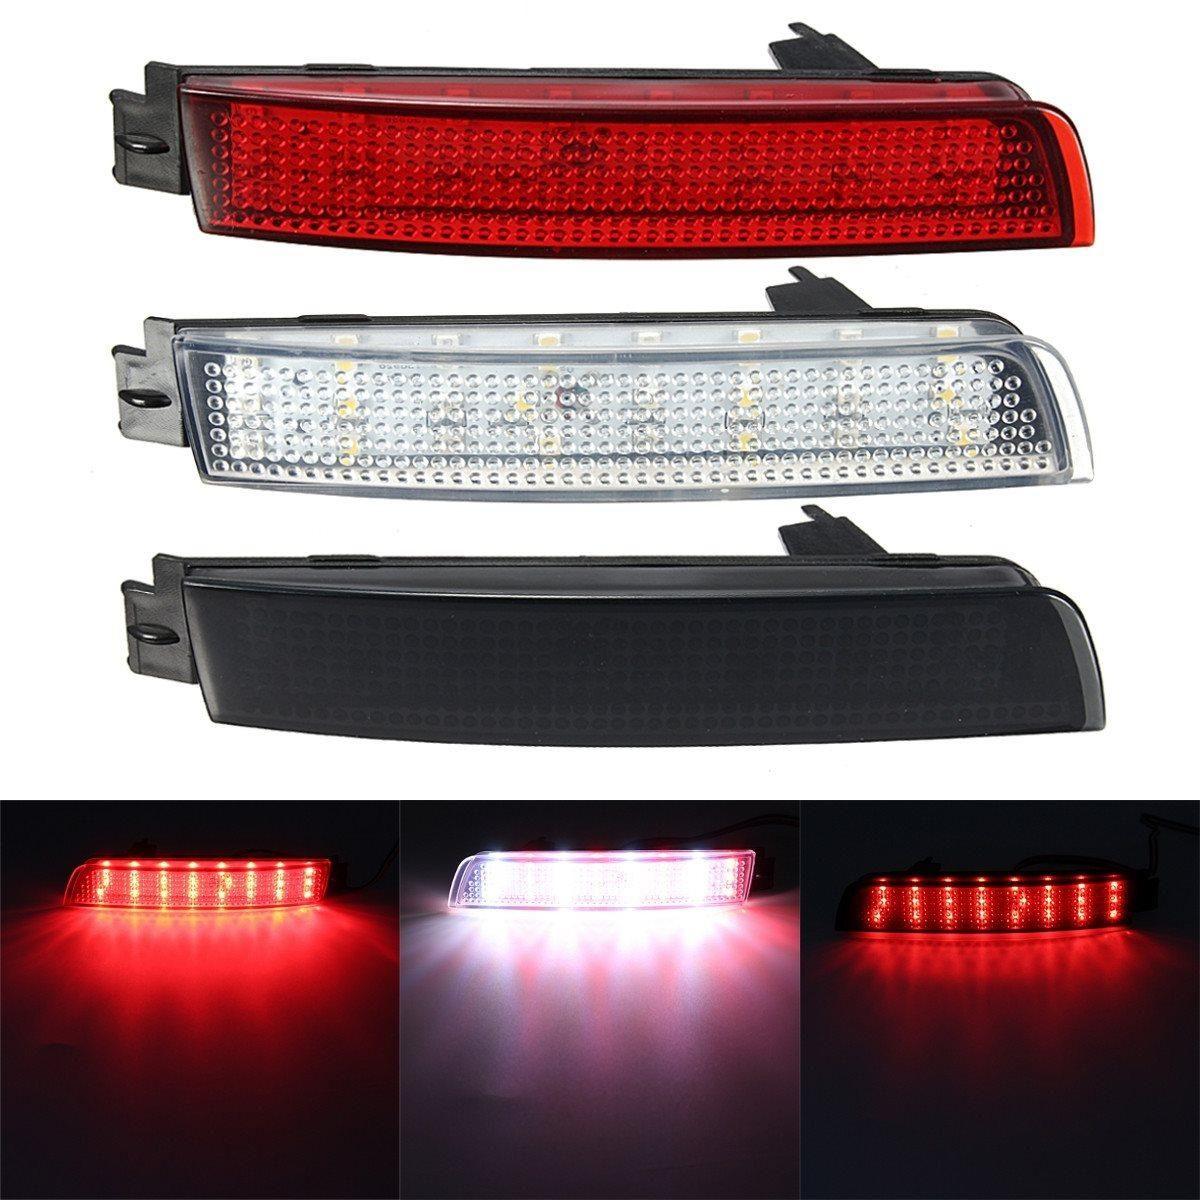 2 Pcs Led Bumper Reflector Red Lens Tail Brake Light Lamp For Nissan Juke Murano Infiniti Fx35 Fx37 Fx50 21 99 Nissan Juke Infiniti Fx35 Infiniti